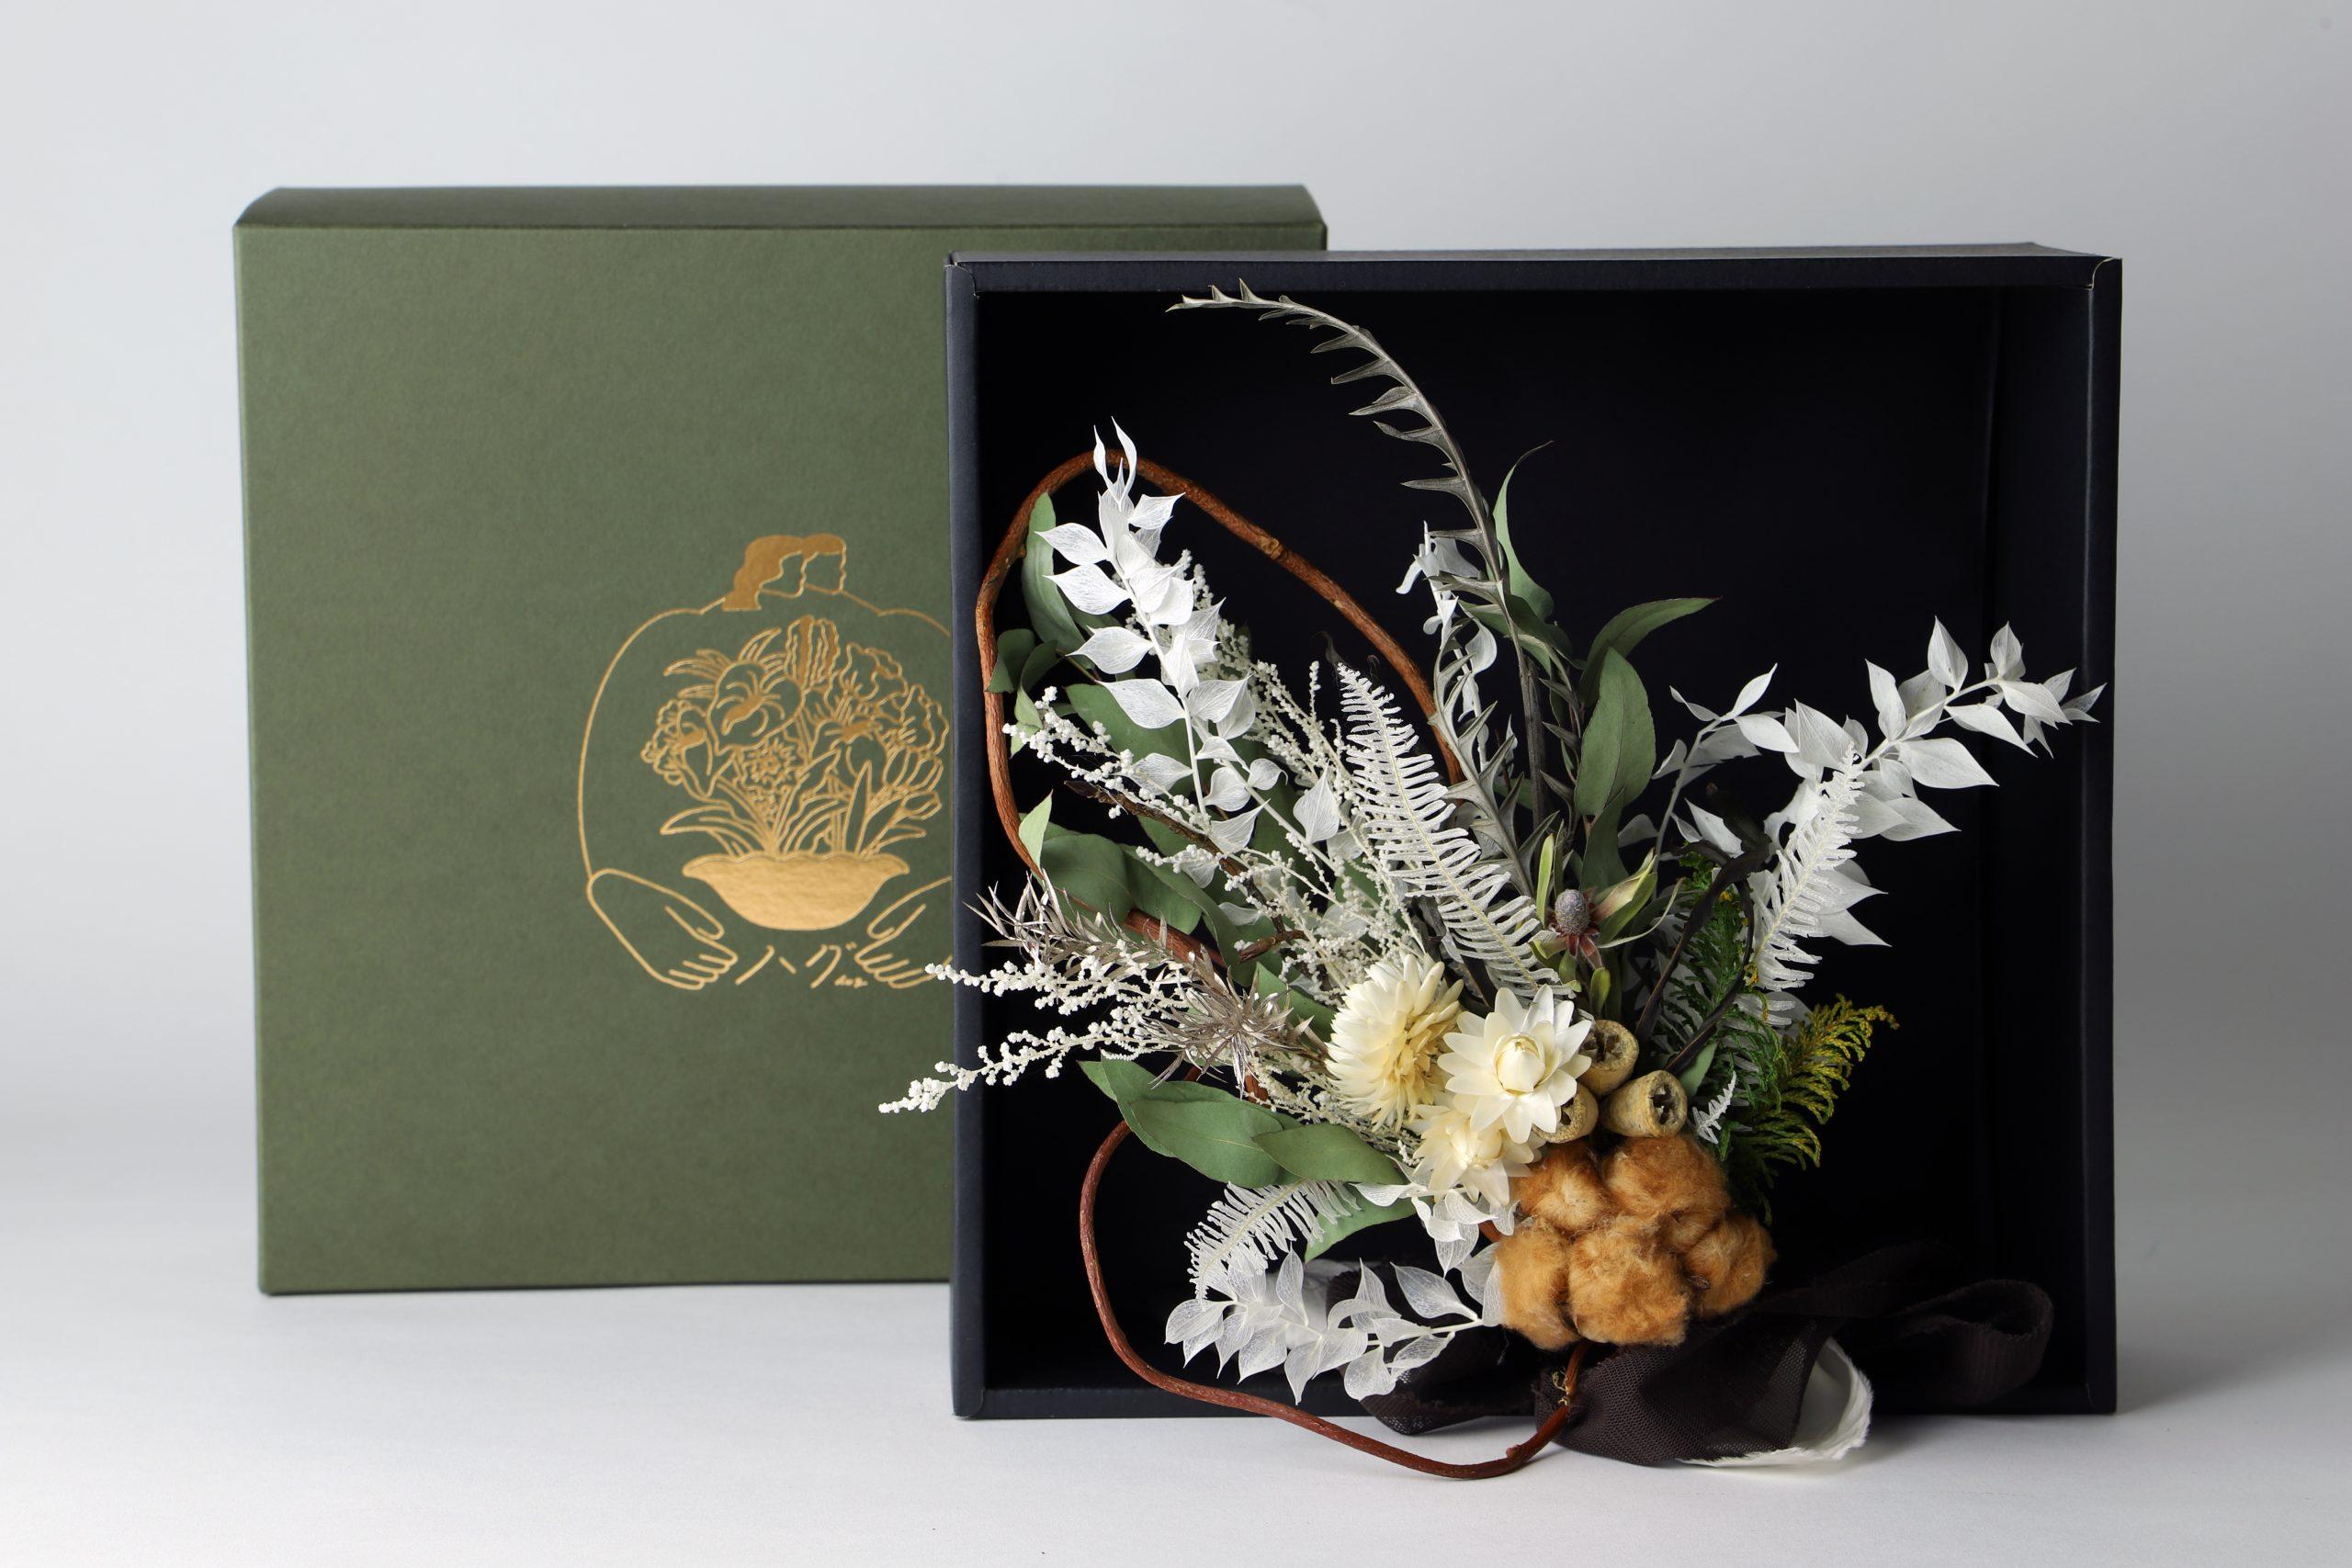 フラワーギフト用 パッケージ  お花 アレンジメント リース スワッグ